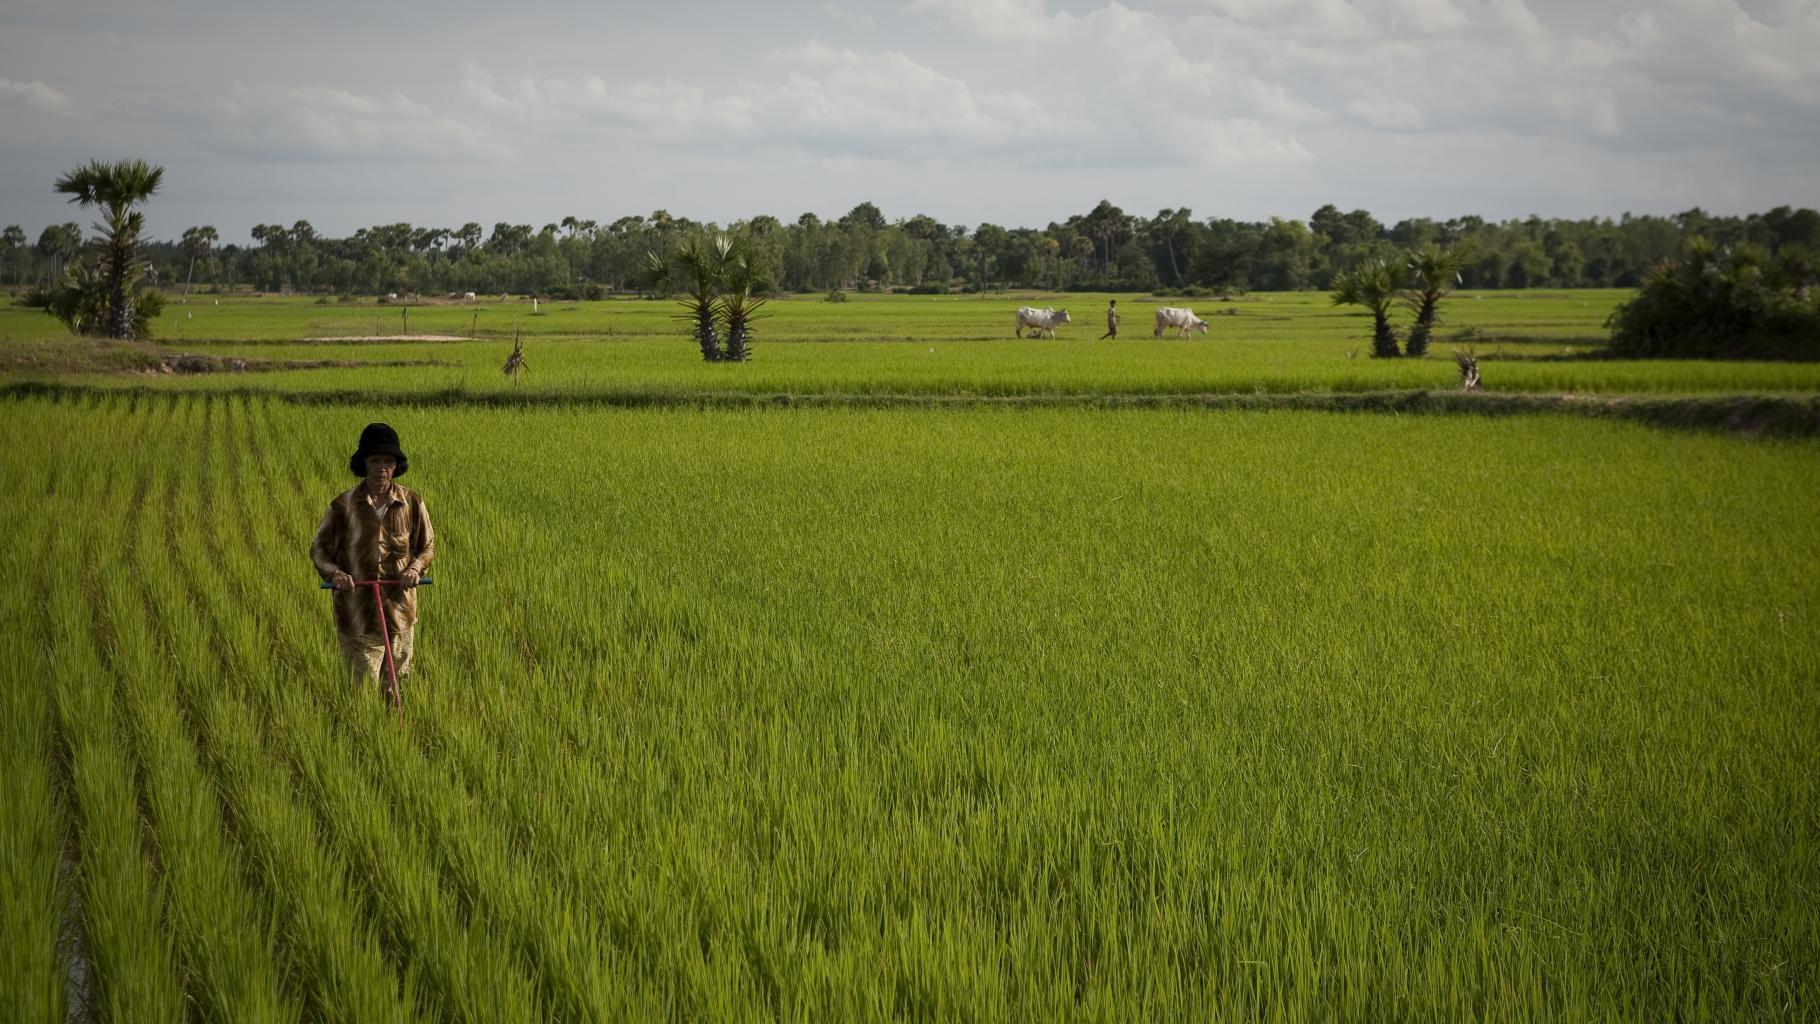 Eine Frau geht mit einem mechanischen Unkraut-Jäter durch ein in geraden Reihen bepflanztes Reisfeld.